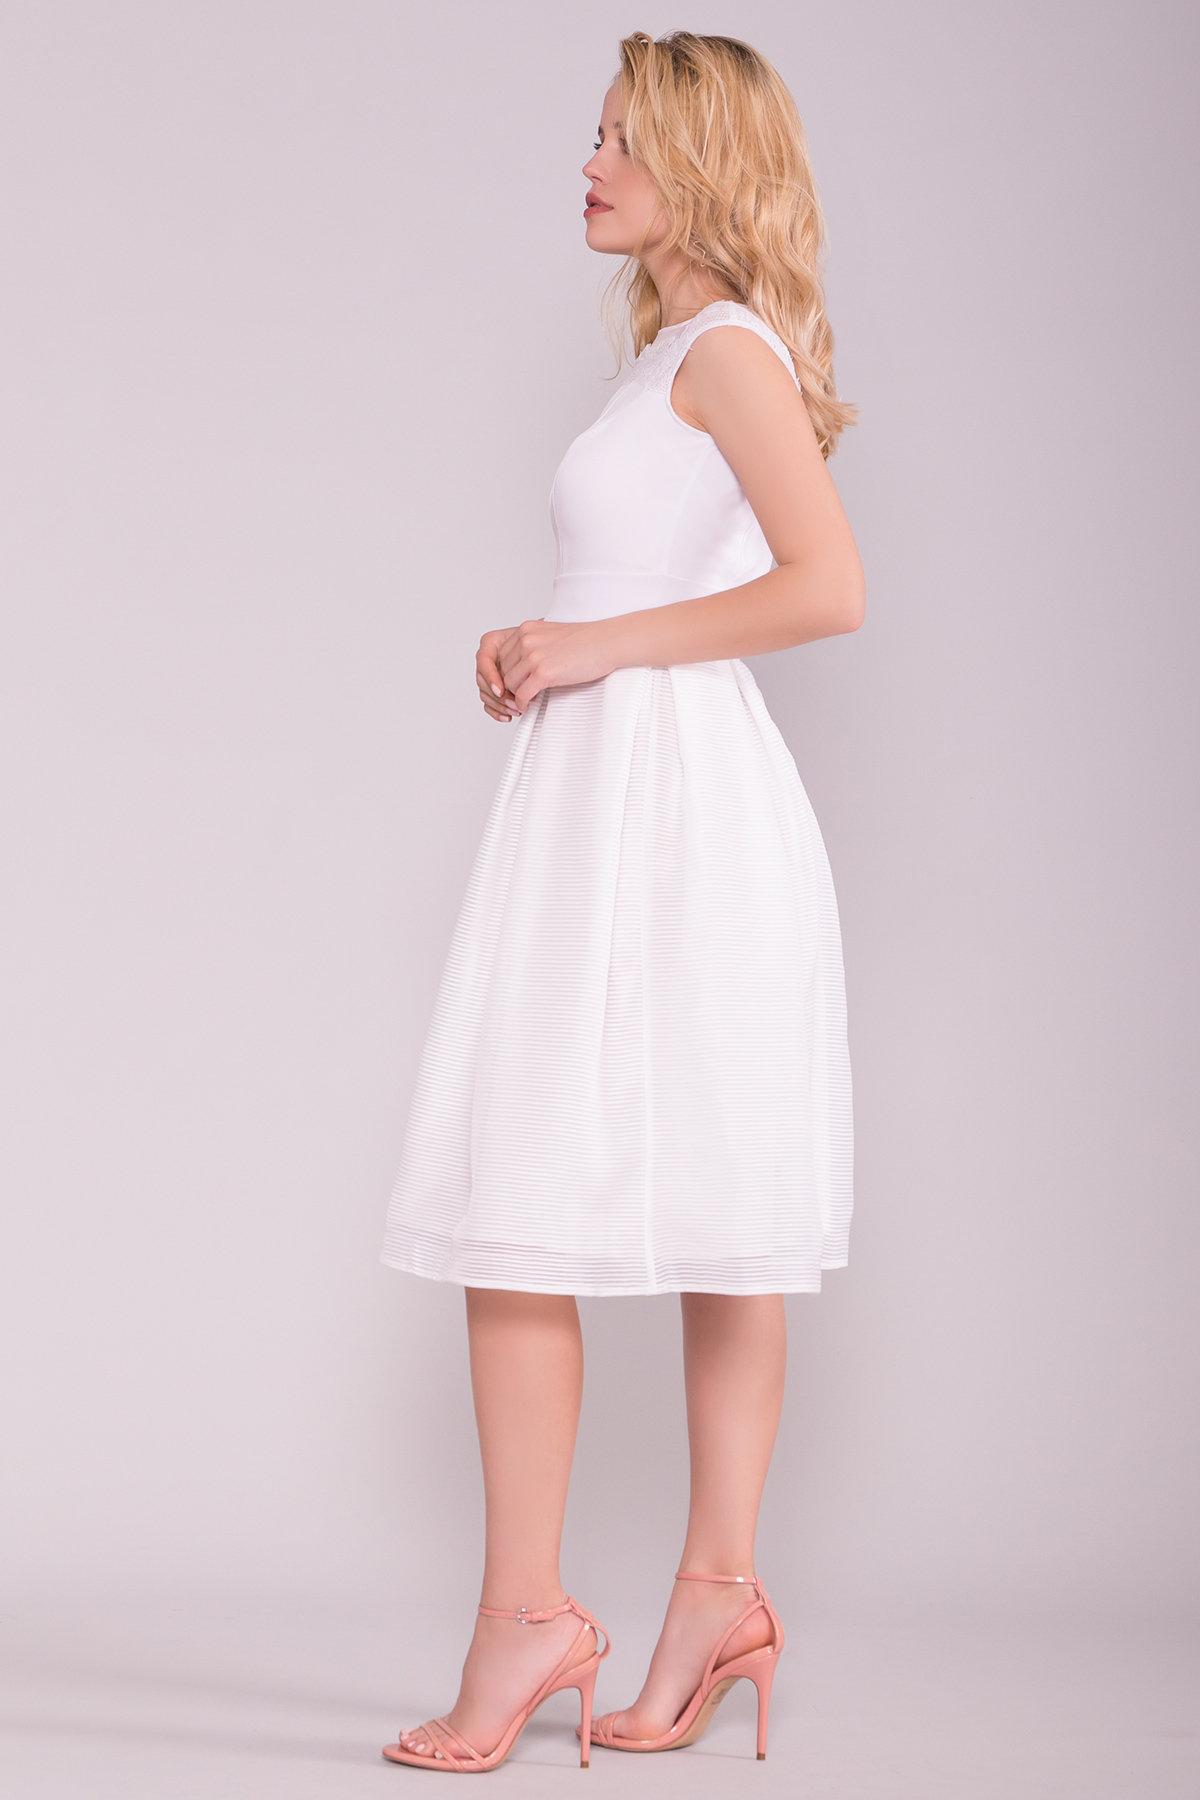 Платье Зарина 6989 АРТ. 43099 Цвет: Белый - фото 2, интернет магазин tm-modus.ru